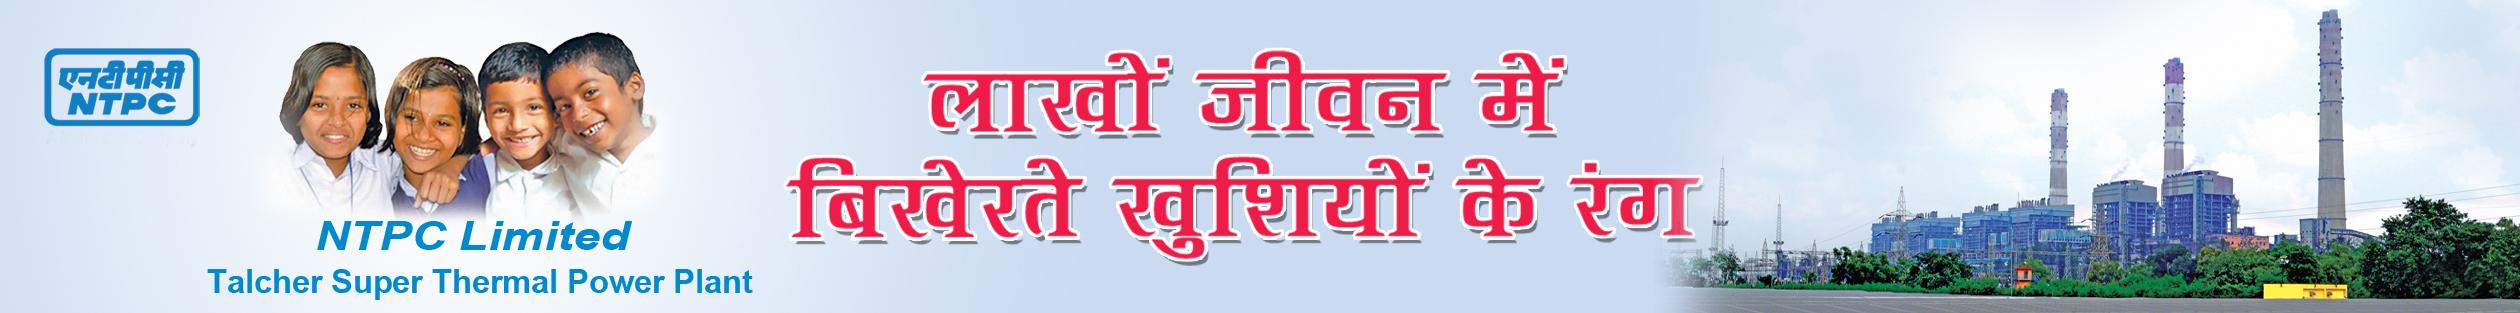 NTPC Kaniha Advt